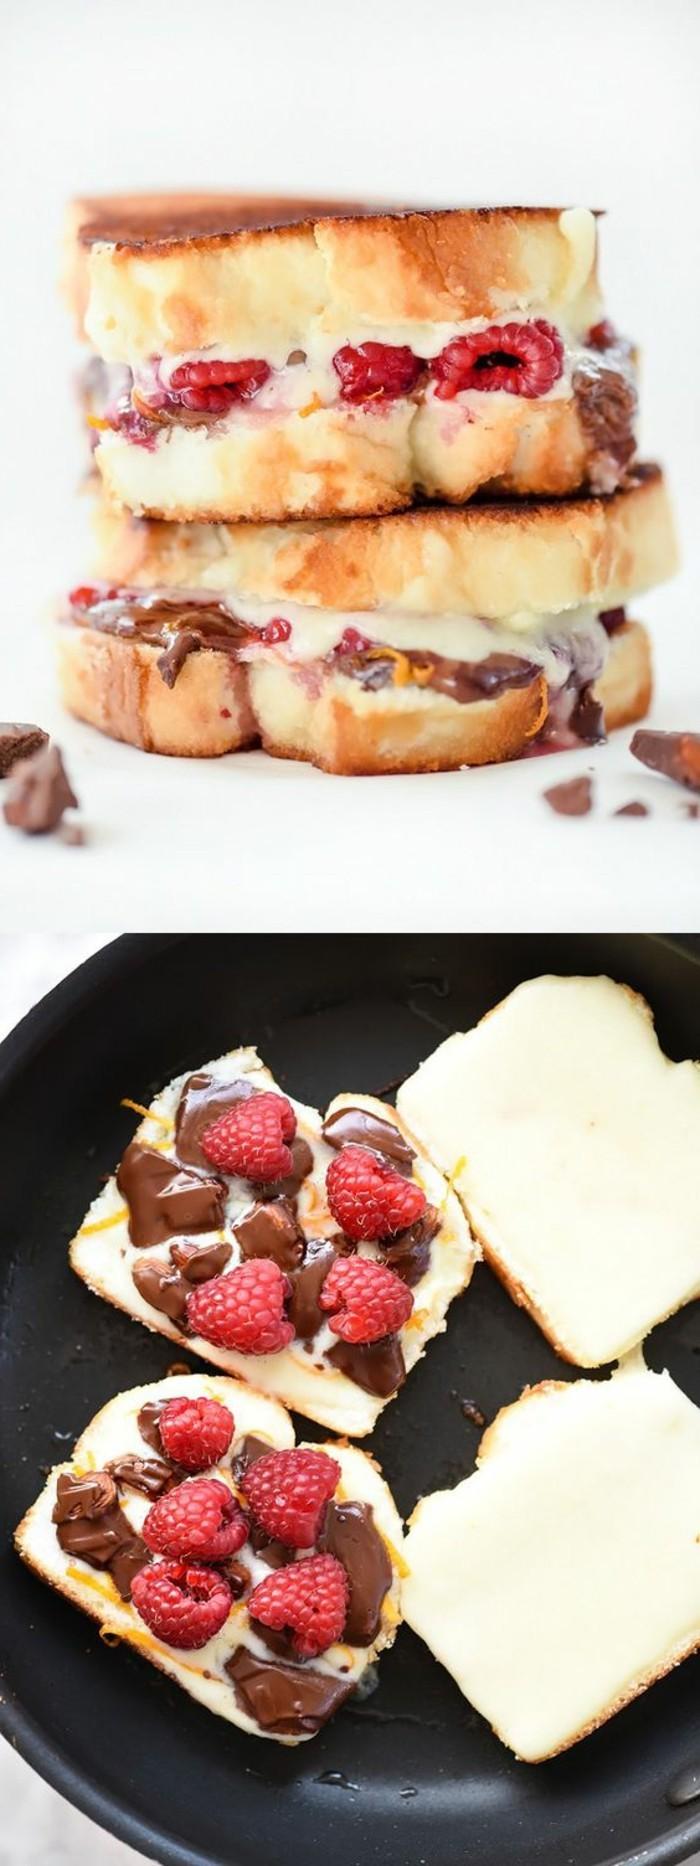 Sandwiches-mit-Himbeeren-Schokolade-Mandeln-und-gegrilltem-Käse